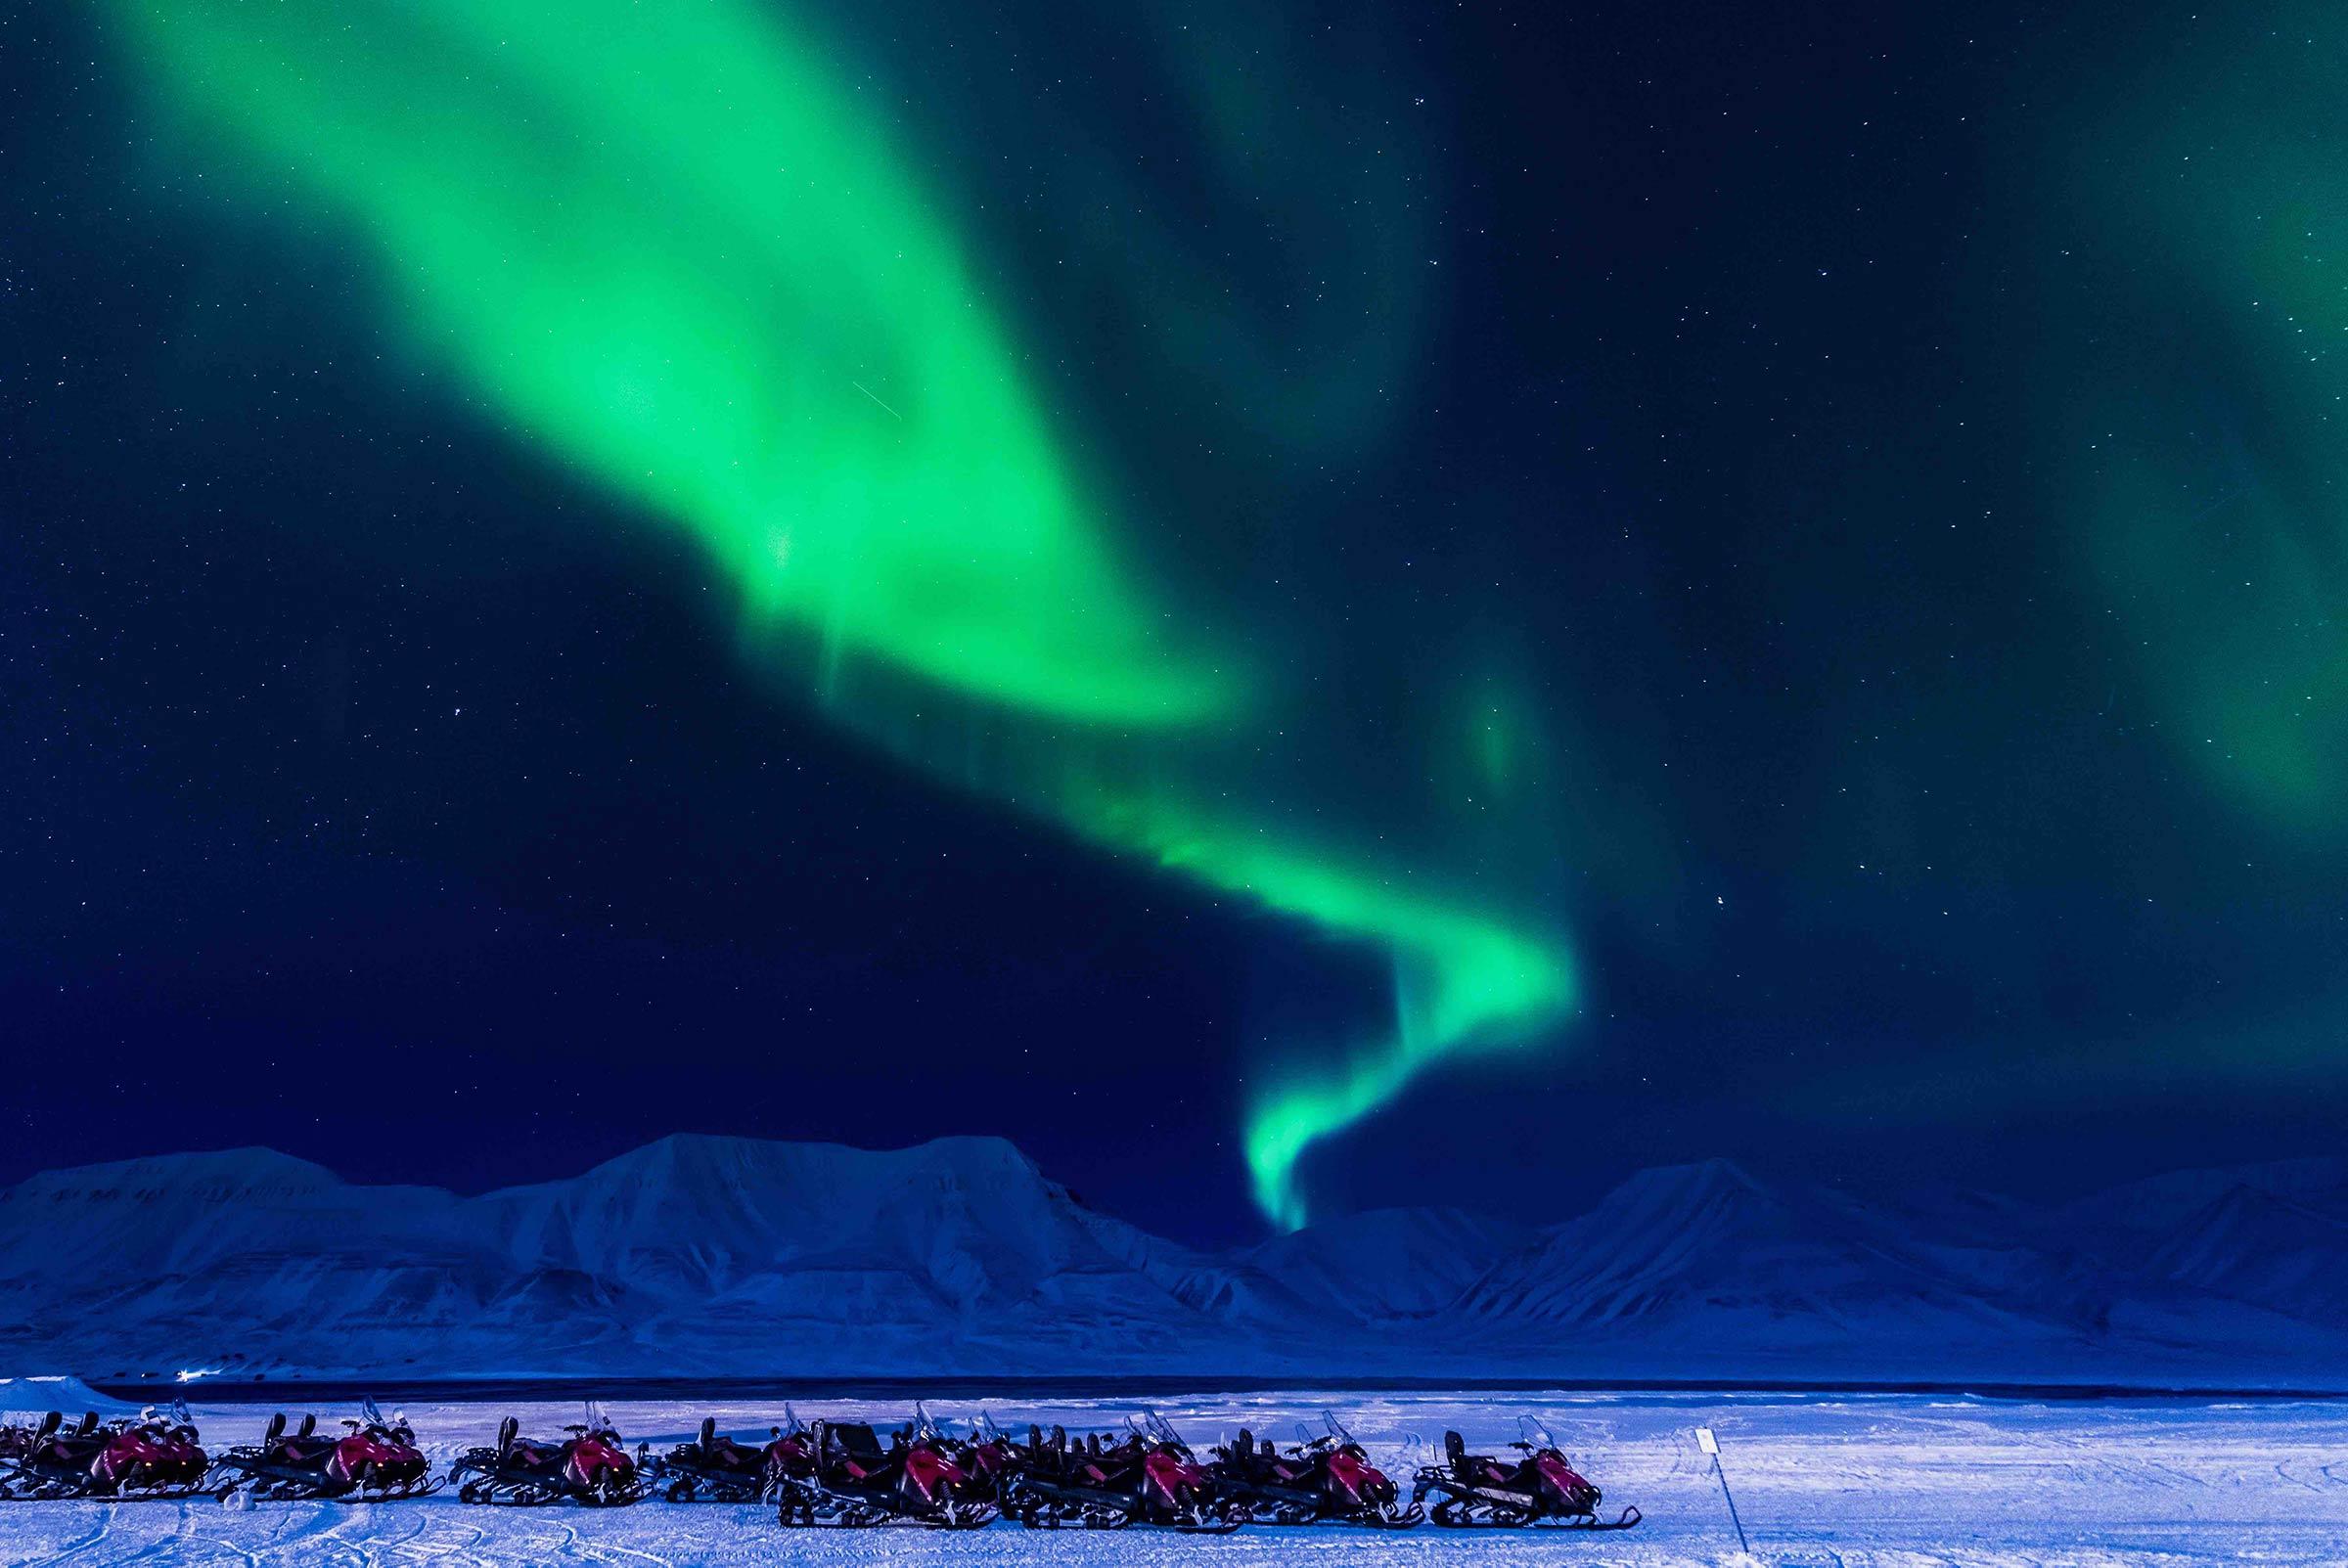 L'aurora boreale in Norvegia è uno spettacolo naturale unico.